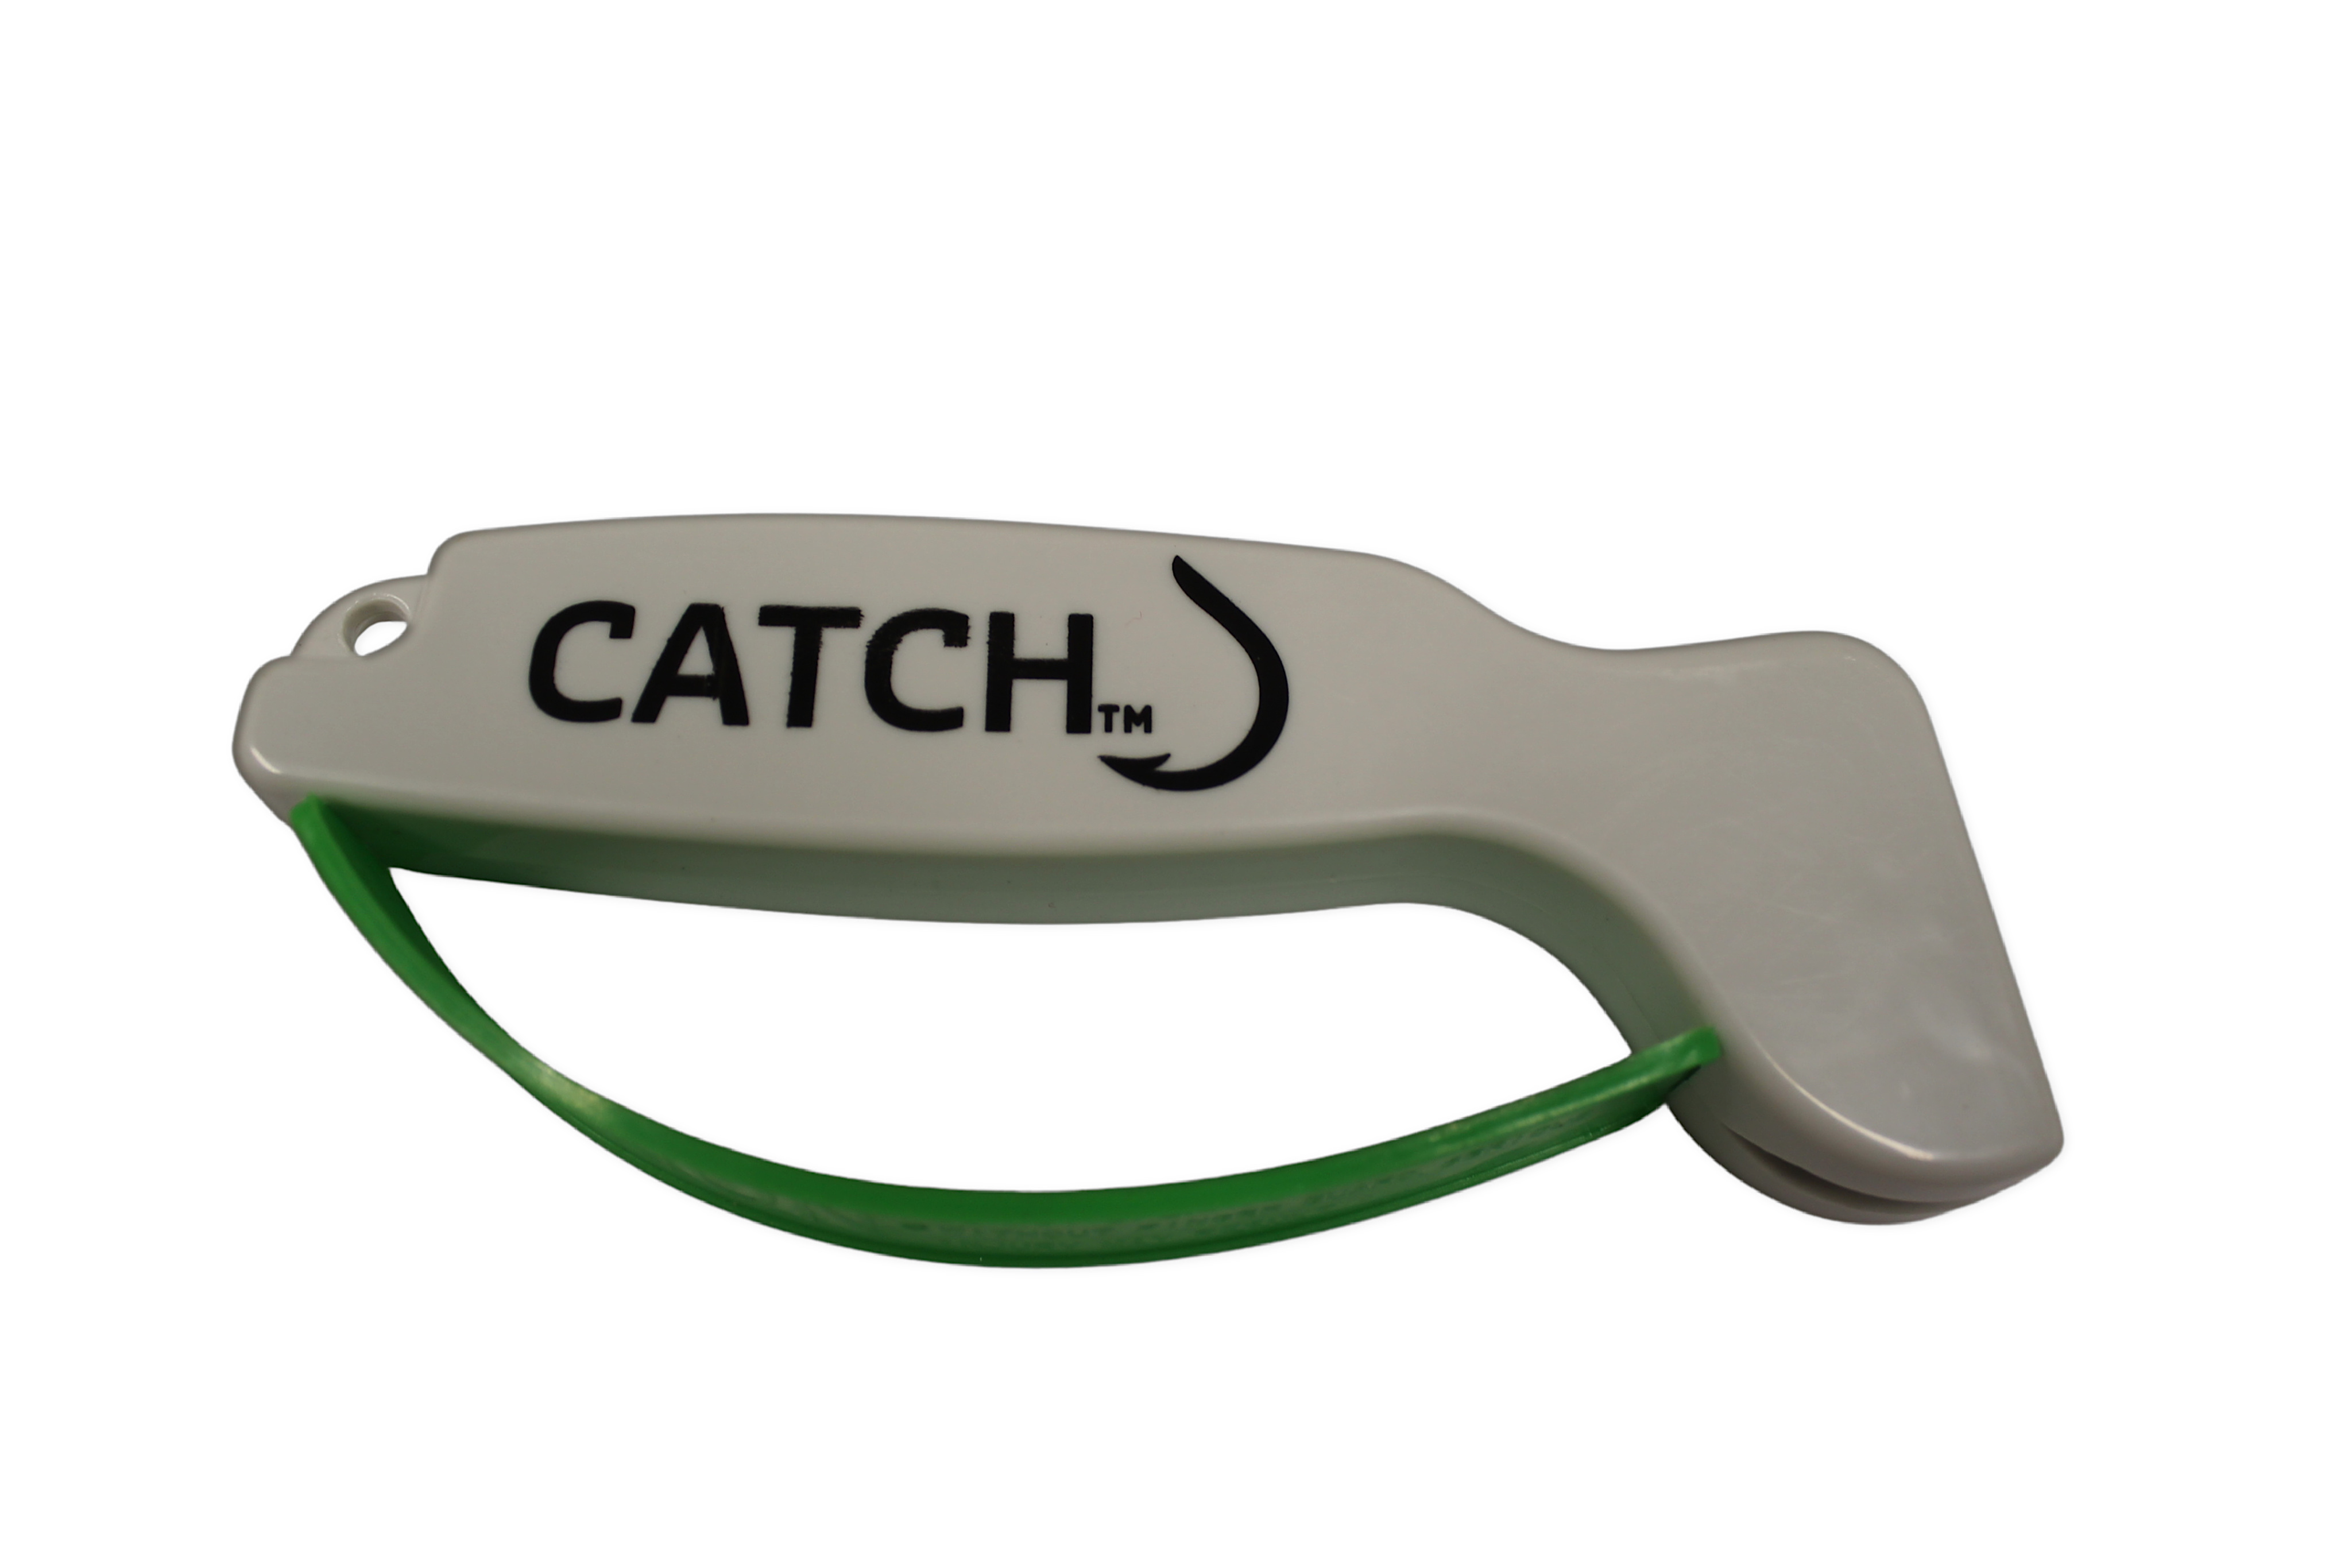 Hnífabrýni Catch